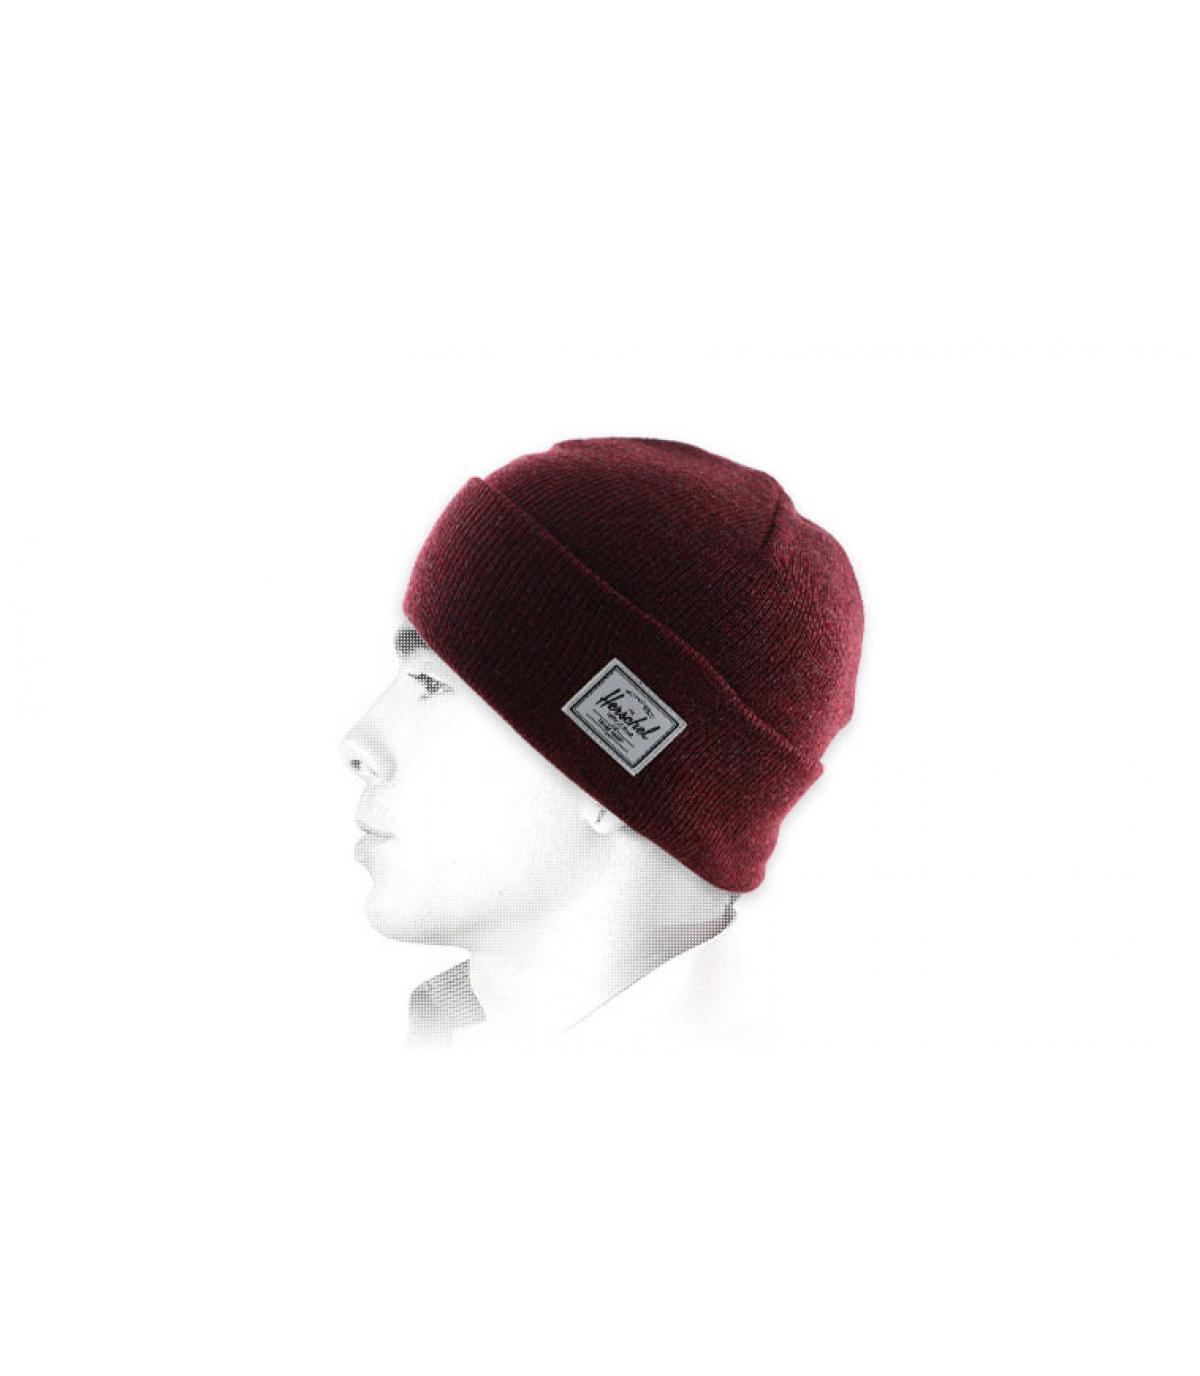 Mütze mit Rand bordeaux Herschel